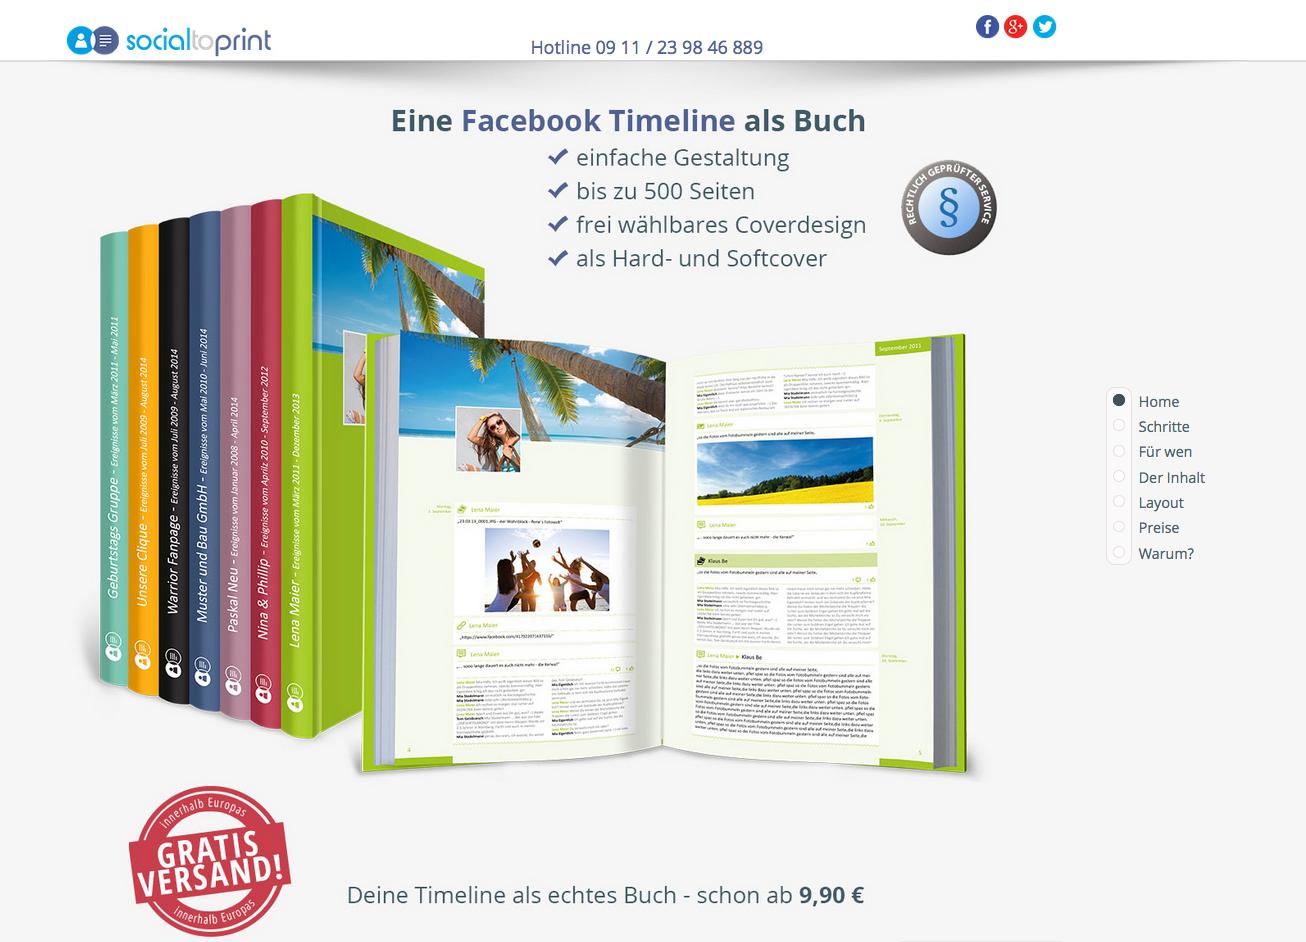 Socialtoprint.de Gutschein